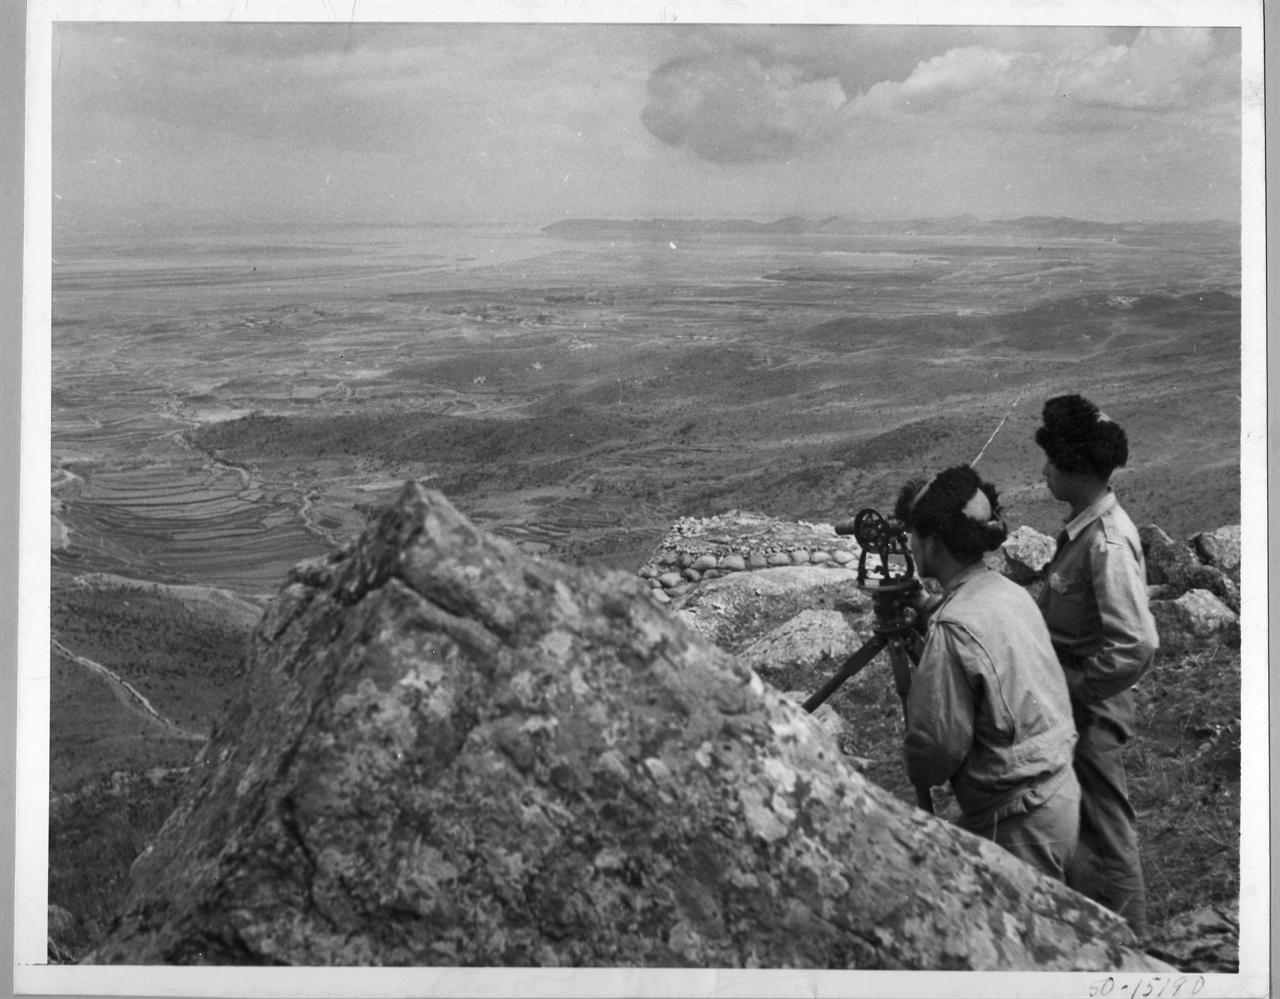 3. 한국전쟁 발발 직전. 국군 병사가 옹진지구에서 적진을 경계하고 있다(1950. 6.).